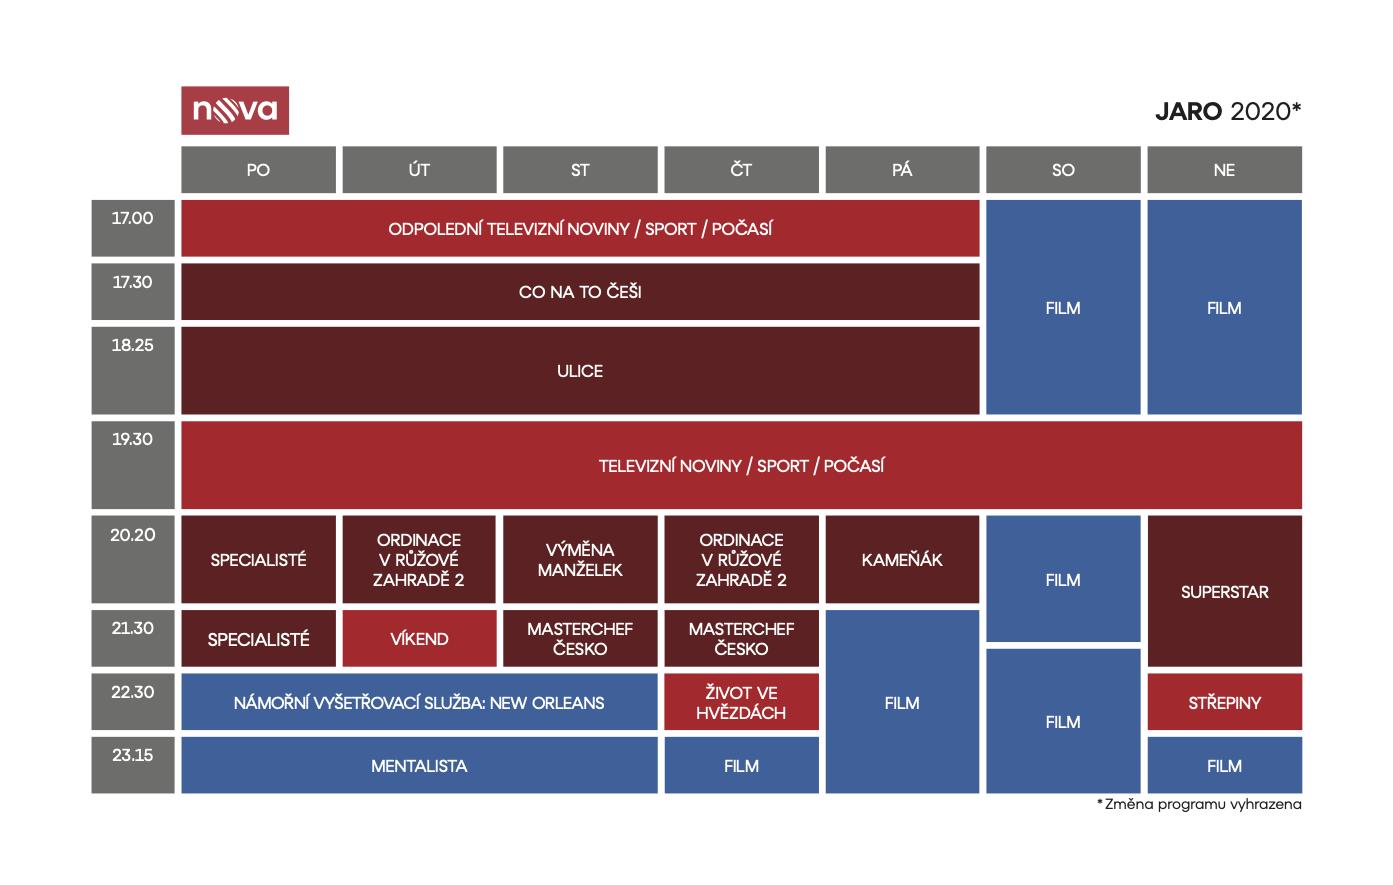 Programové schéma televize Nova pro jaro 2020